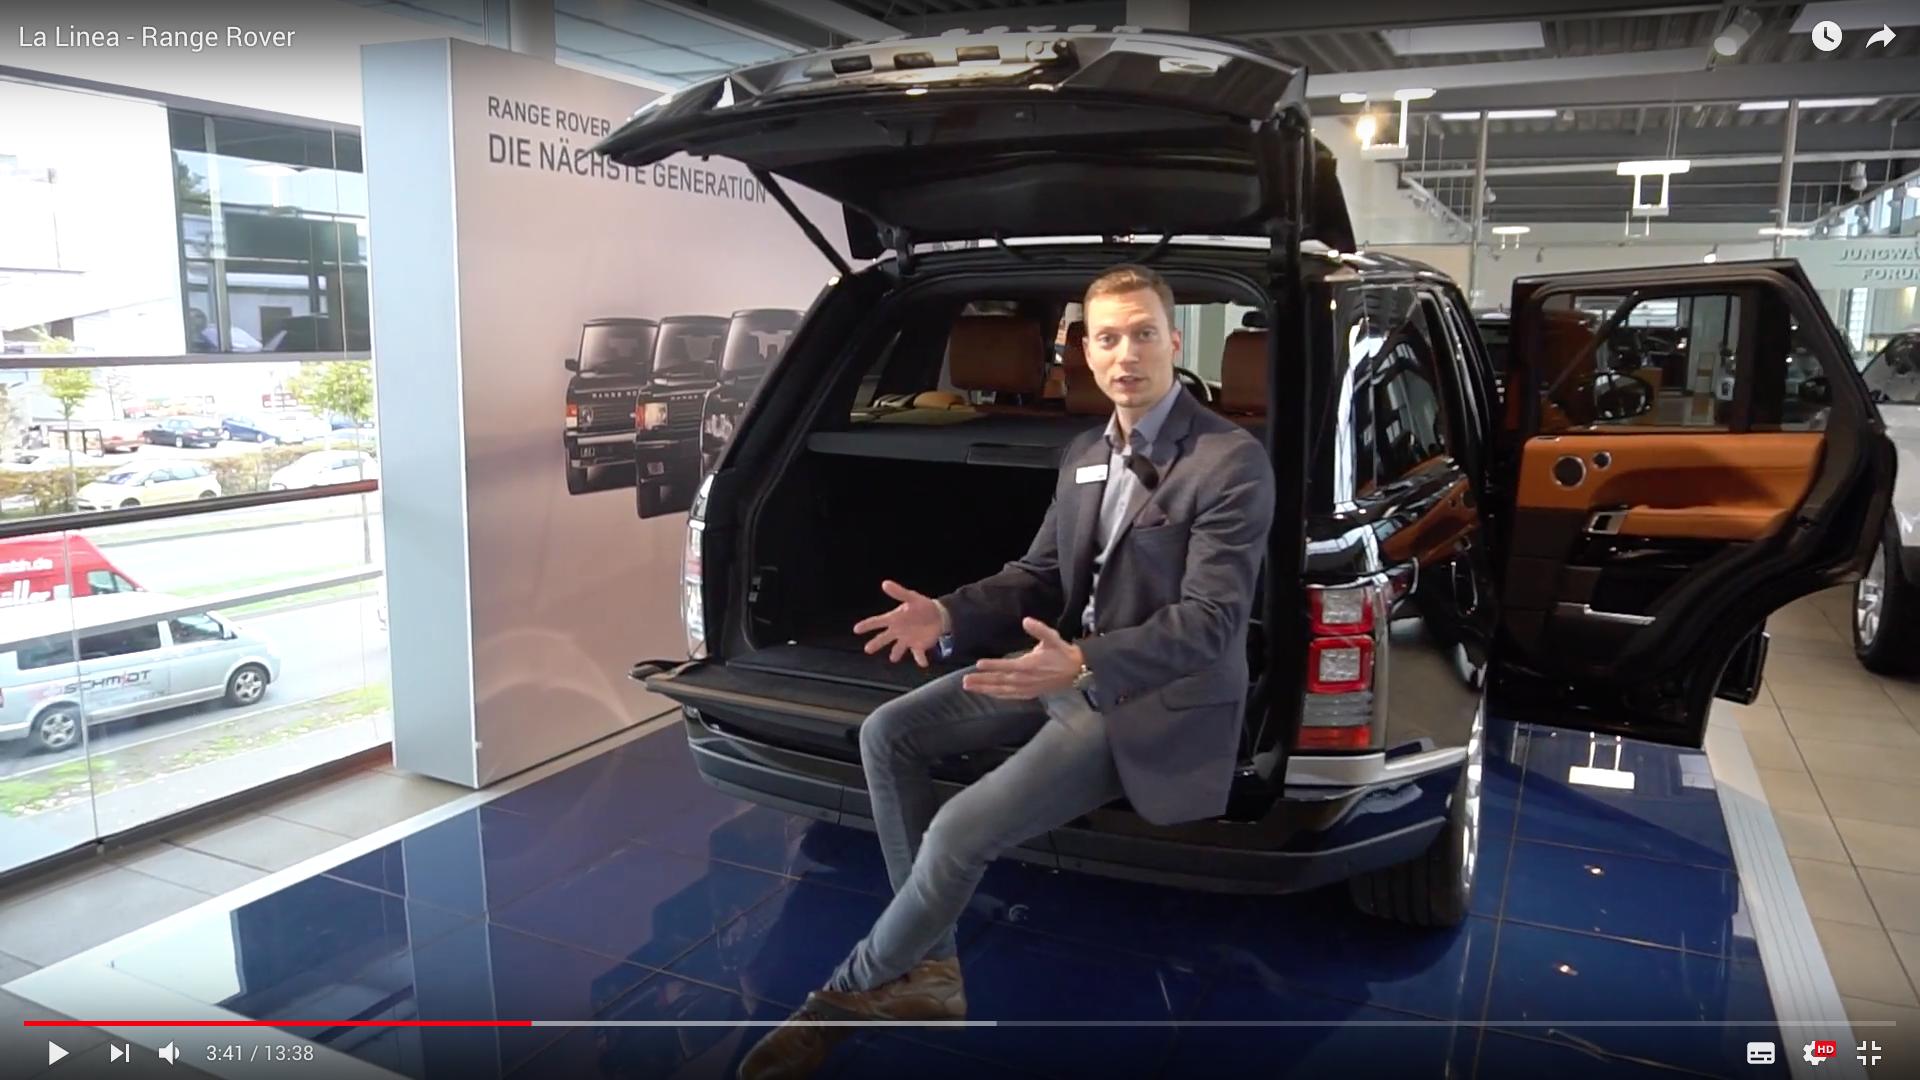 2017 La Linea - Range Rover Kofferraum_MSM_MEDIEN_SAAR_MOSEL_SAARLAND_FERNSEHEN_1_ED_SAAR